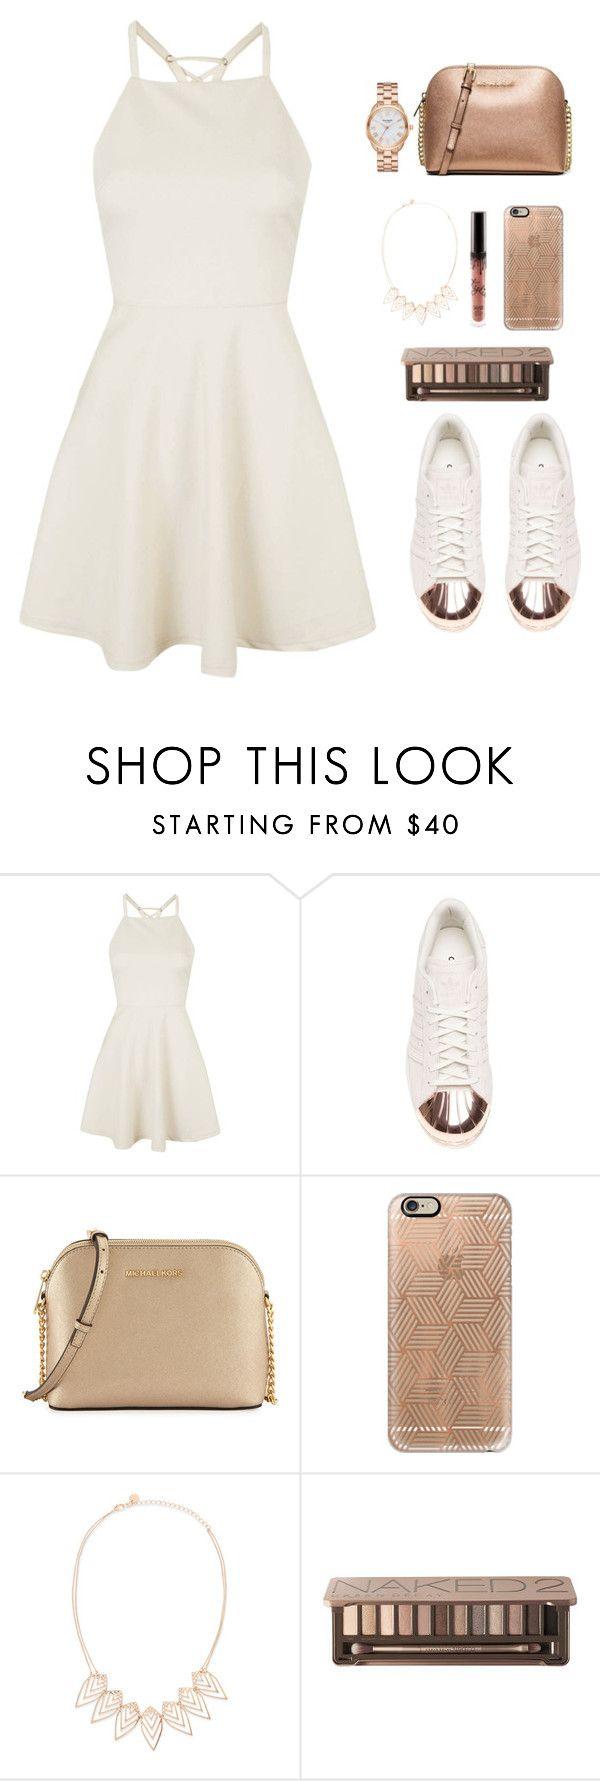 Conjuntos de ropa mujer vestidos